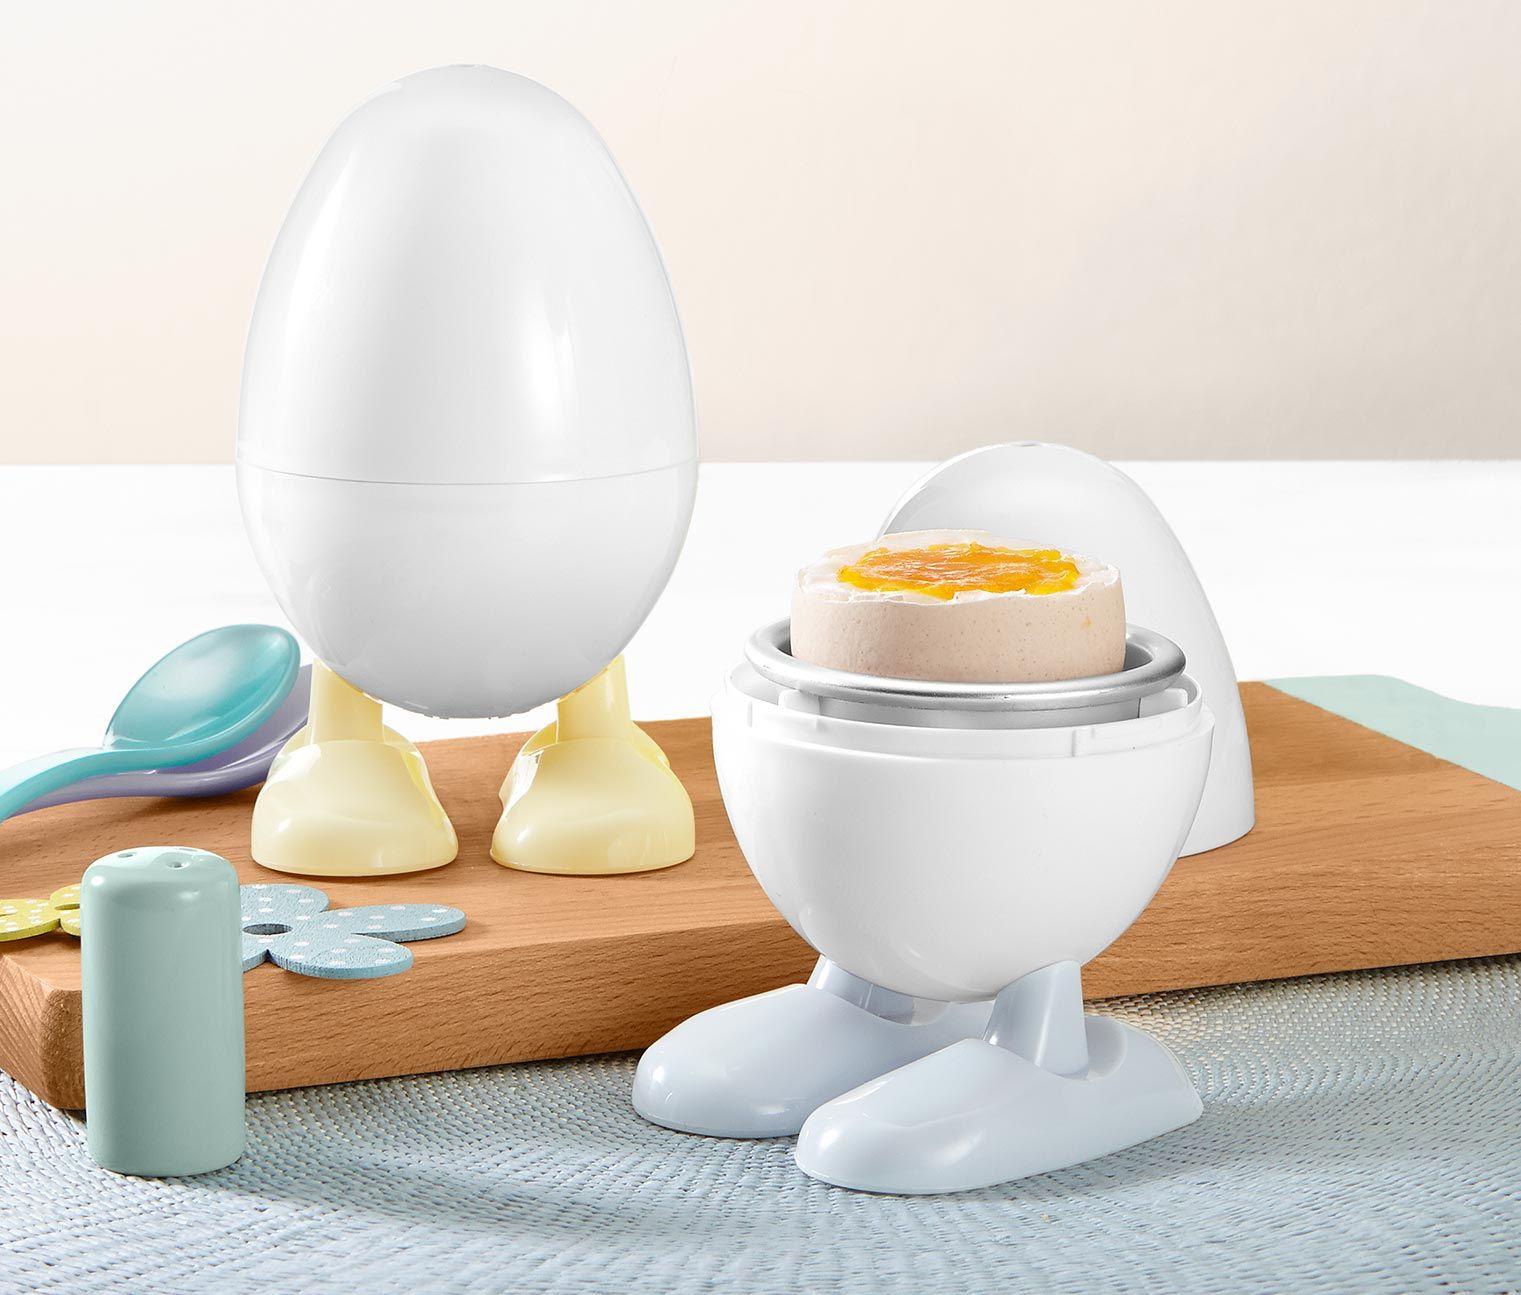 Urzadzenie Do Gotowania Jajek W Kuchence Mikrofalowej 2 Sztuki Tchibo Egg Cup Online